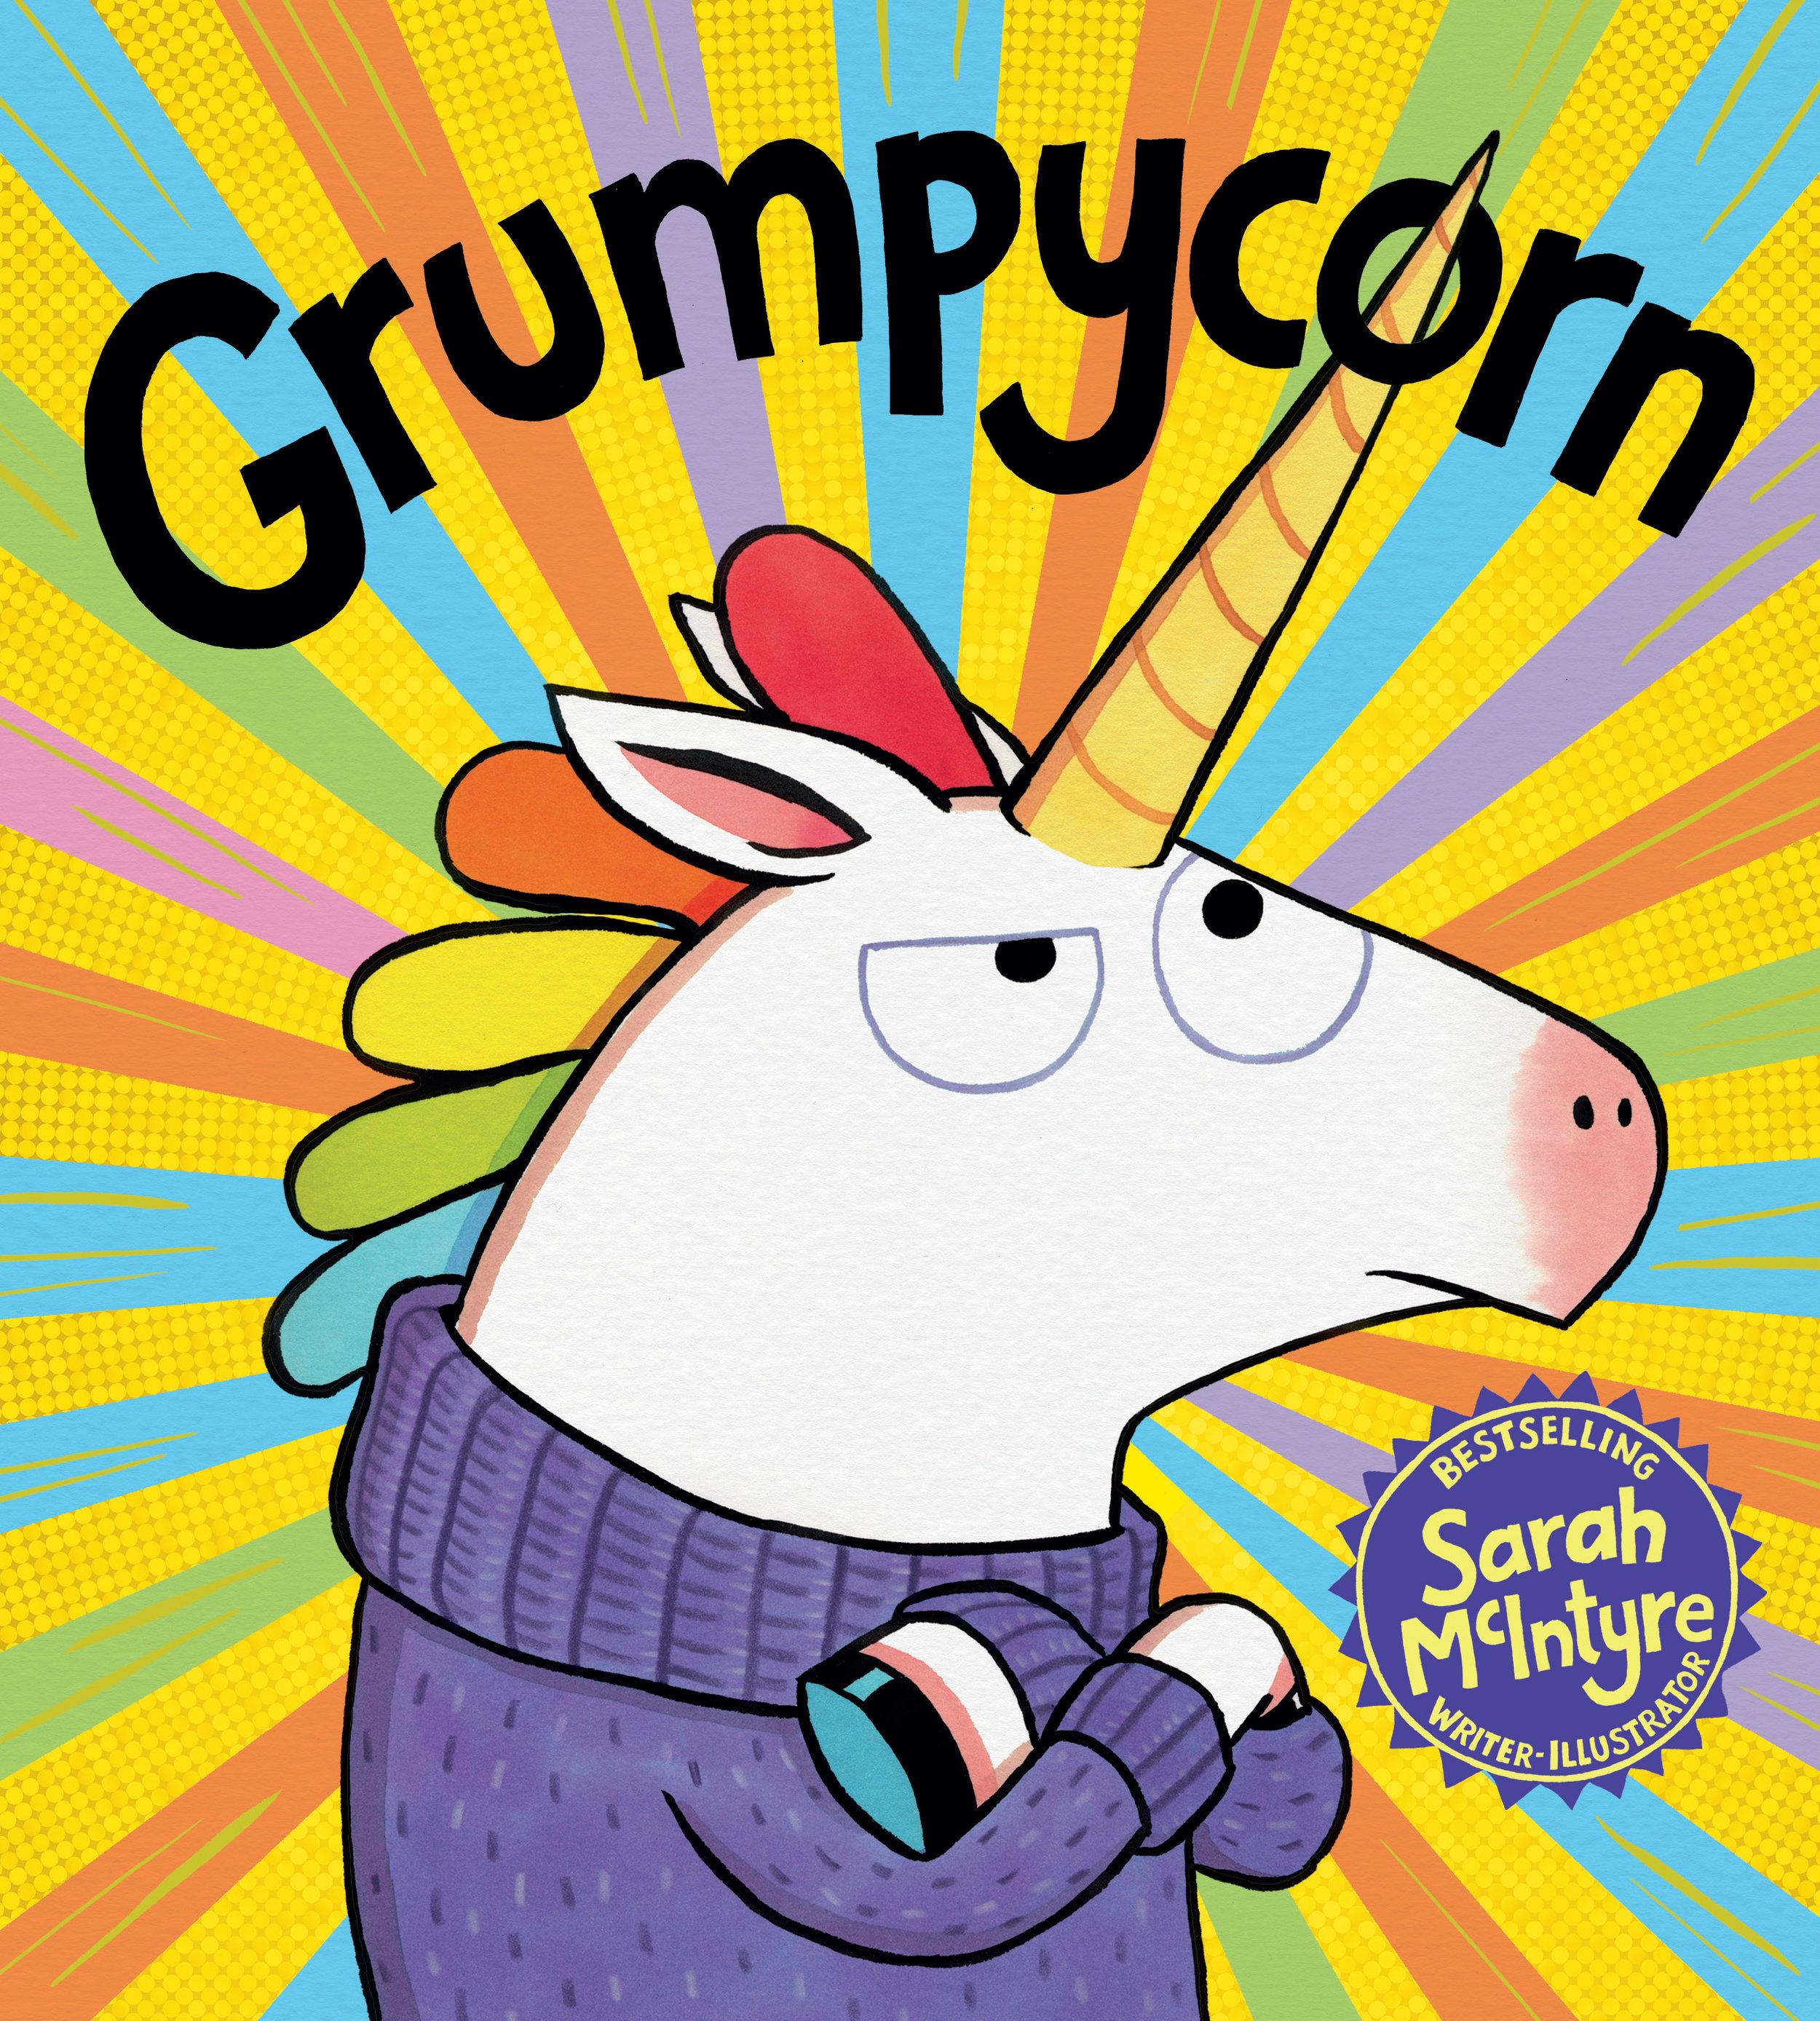 GrumpycornSarahMcintyre.jpg